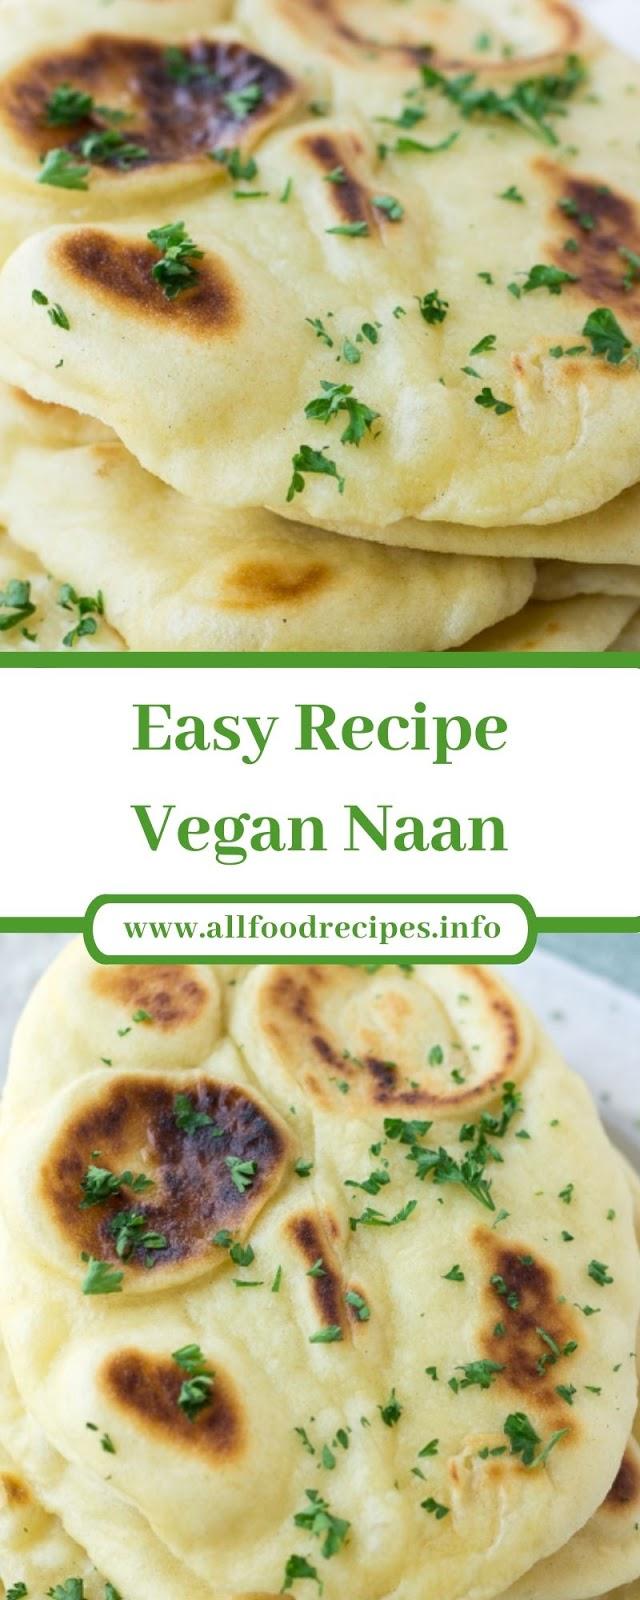 Easy Recipe Vegan Naan